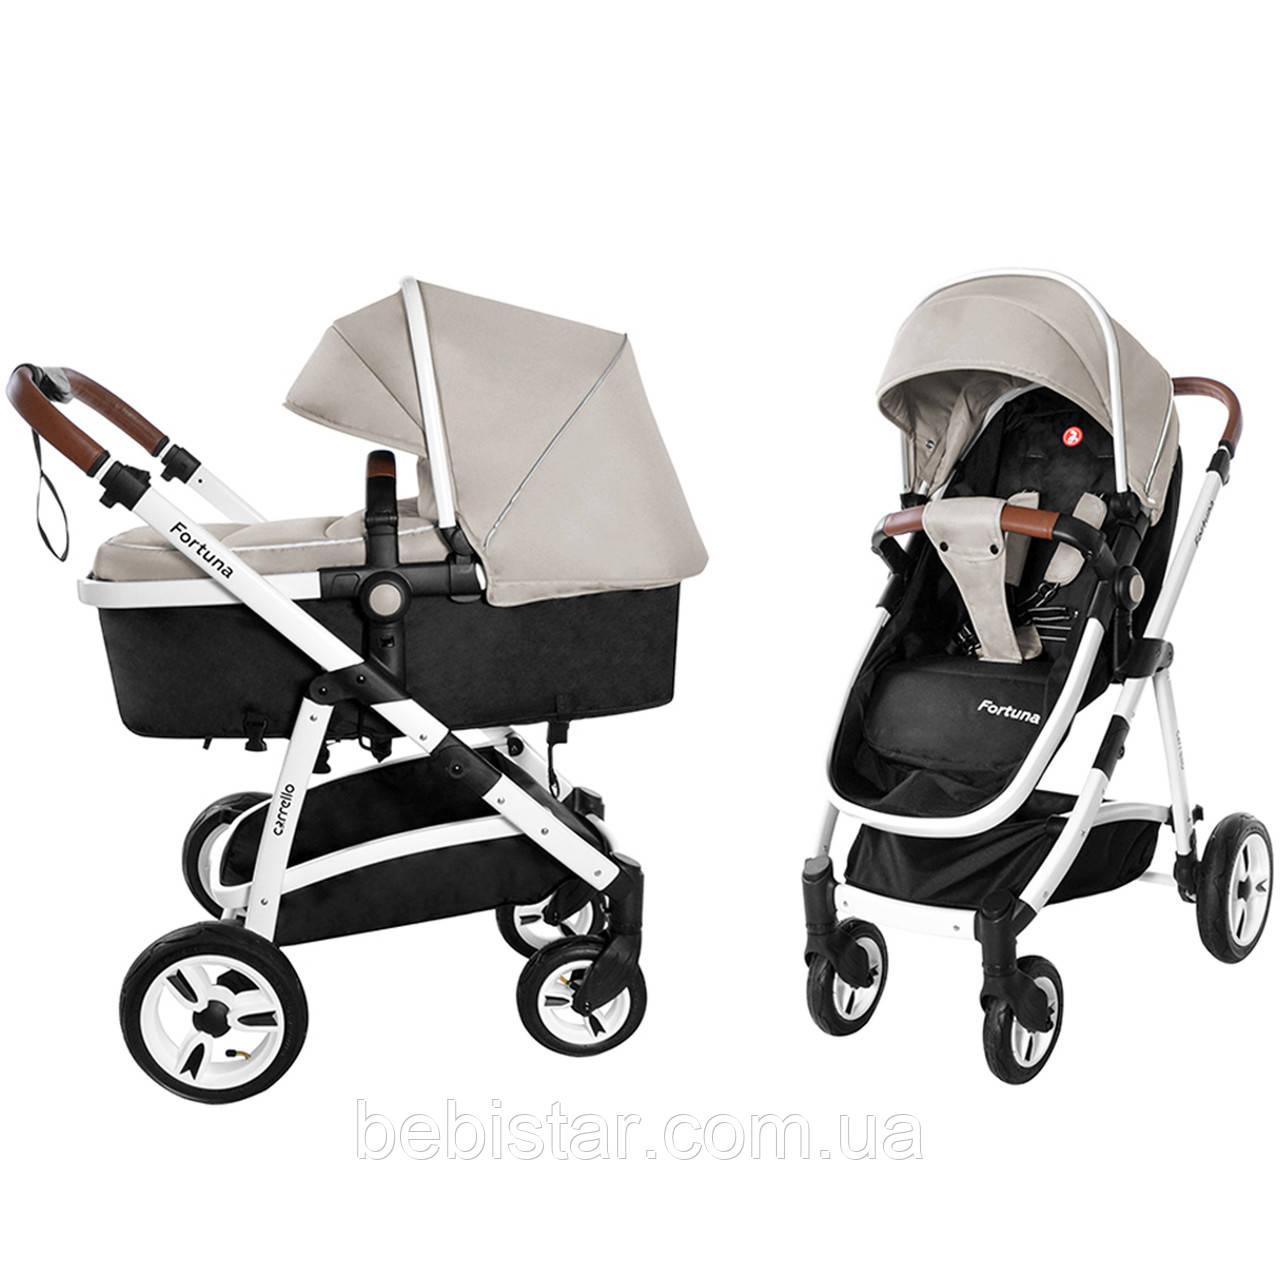 Универсальная коляска-трансформер 2в1 бежевая на белой раме с дождевиком Carrello Fortuna 9001/1 от рождения